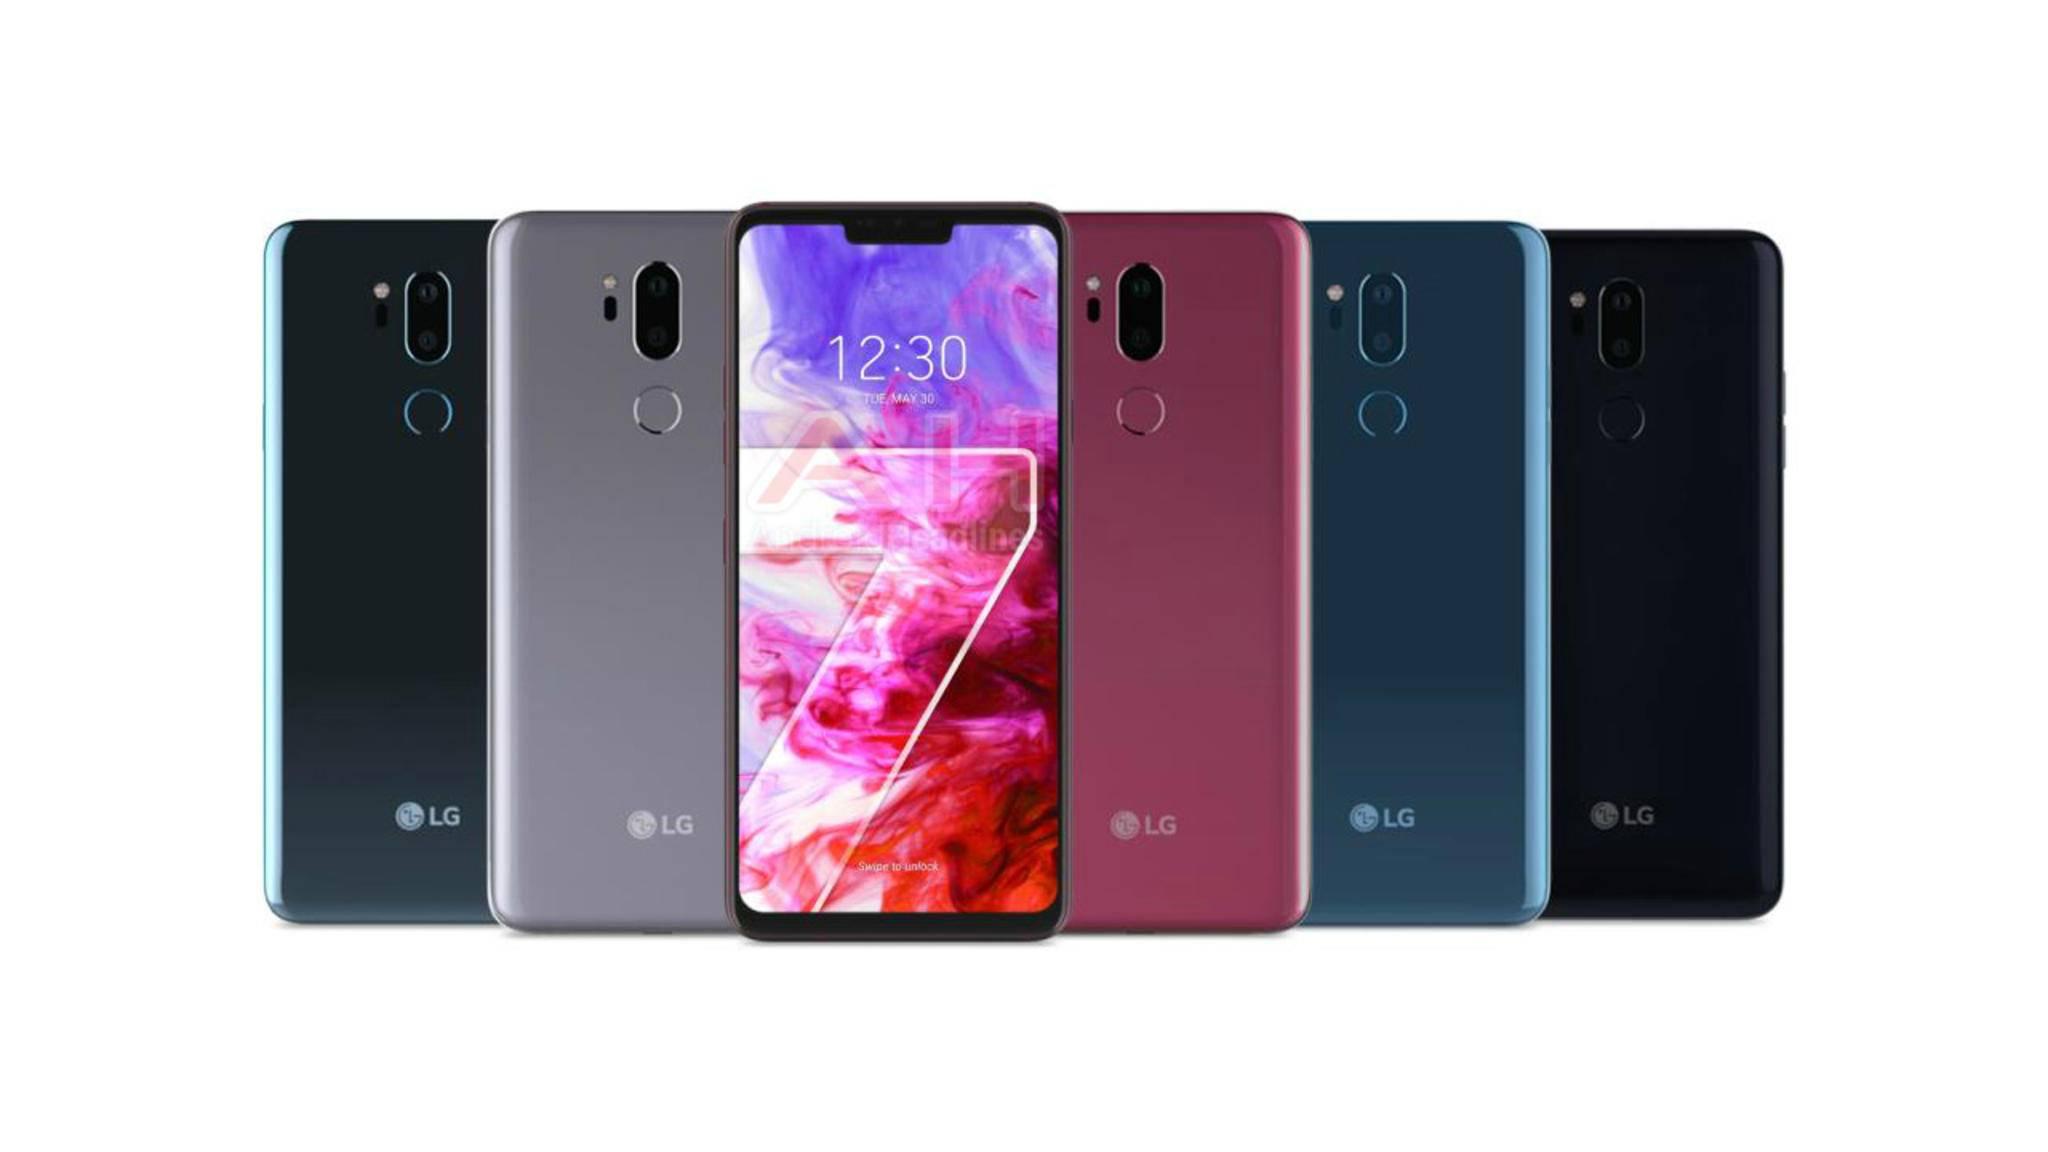 So soll das LG G7 ThinQ laut einem Leak aussehen.